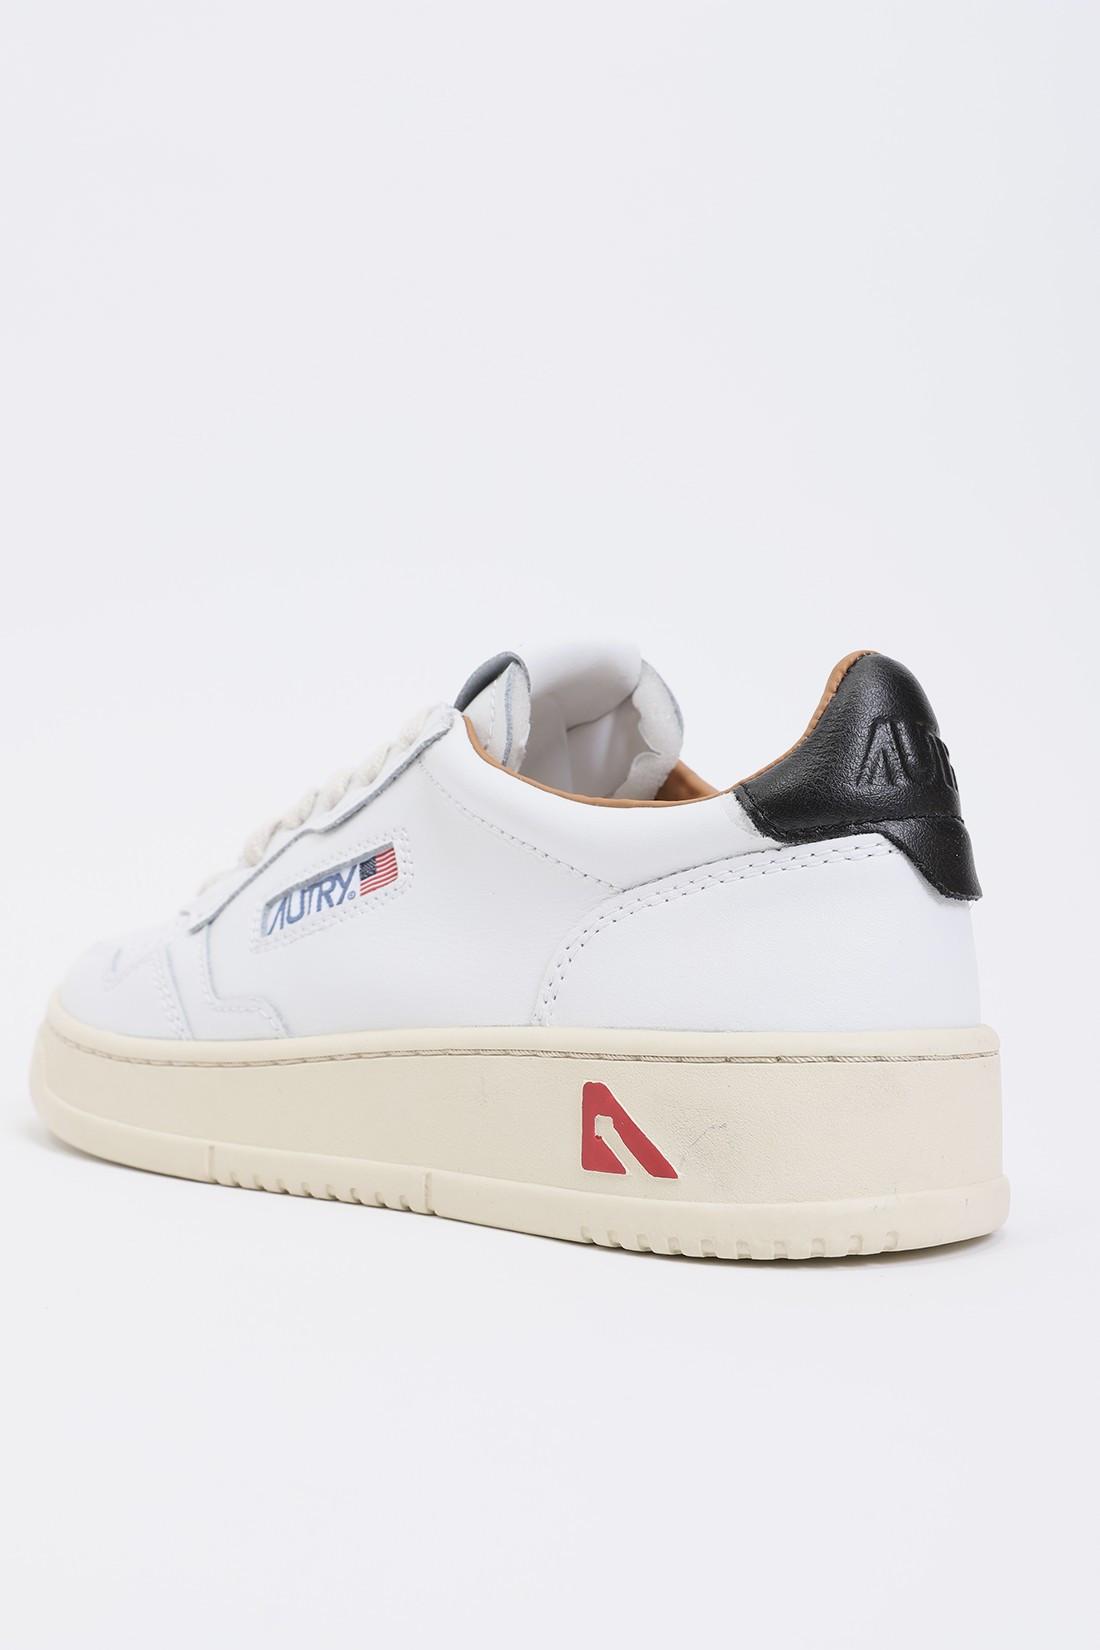 AUTRY / Autry ln05 Leat/leat wht/black